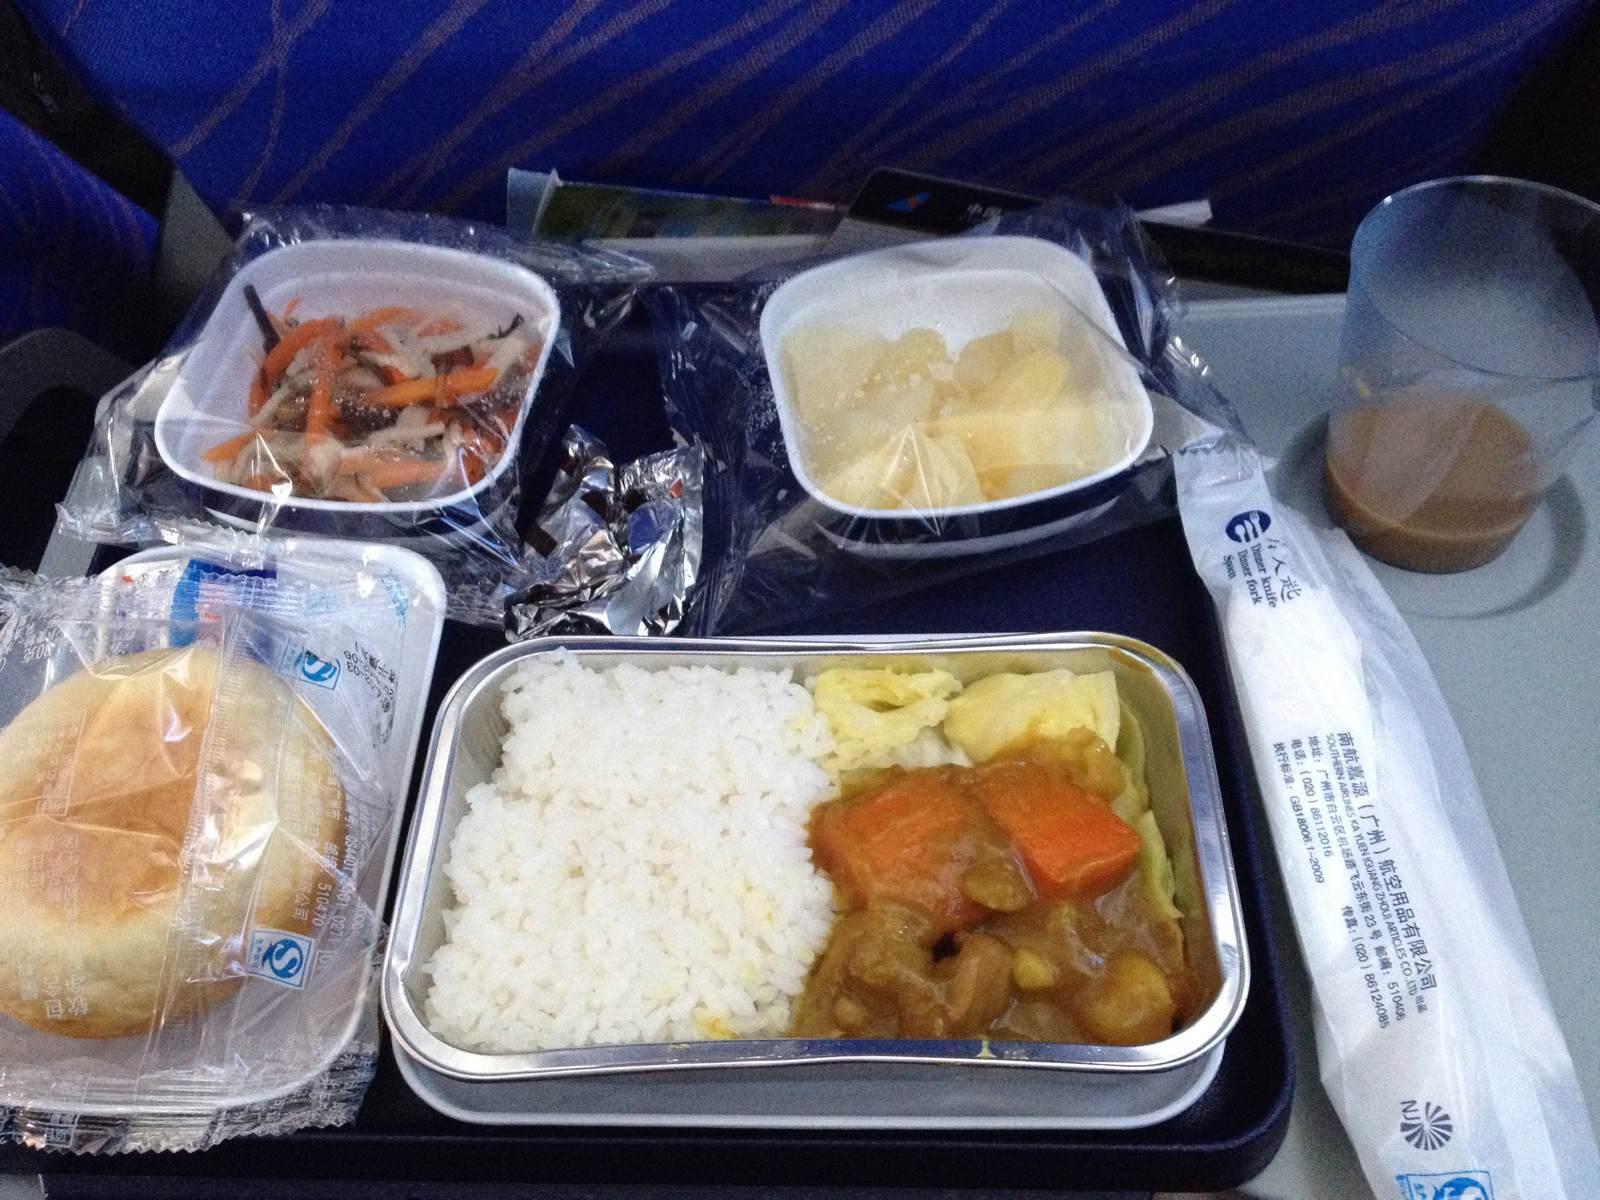 不算太坏的飞机餐,但是飞机就很小啦,737,4小时的旅程,闷.